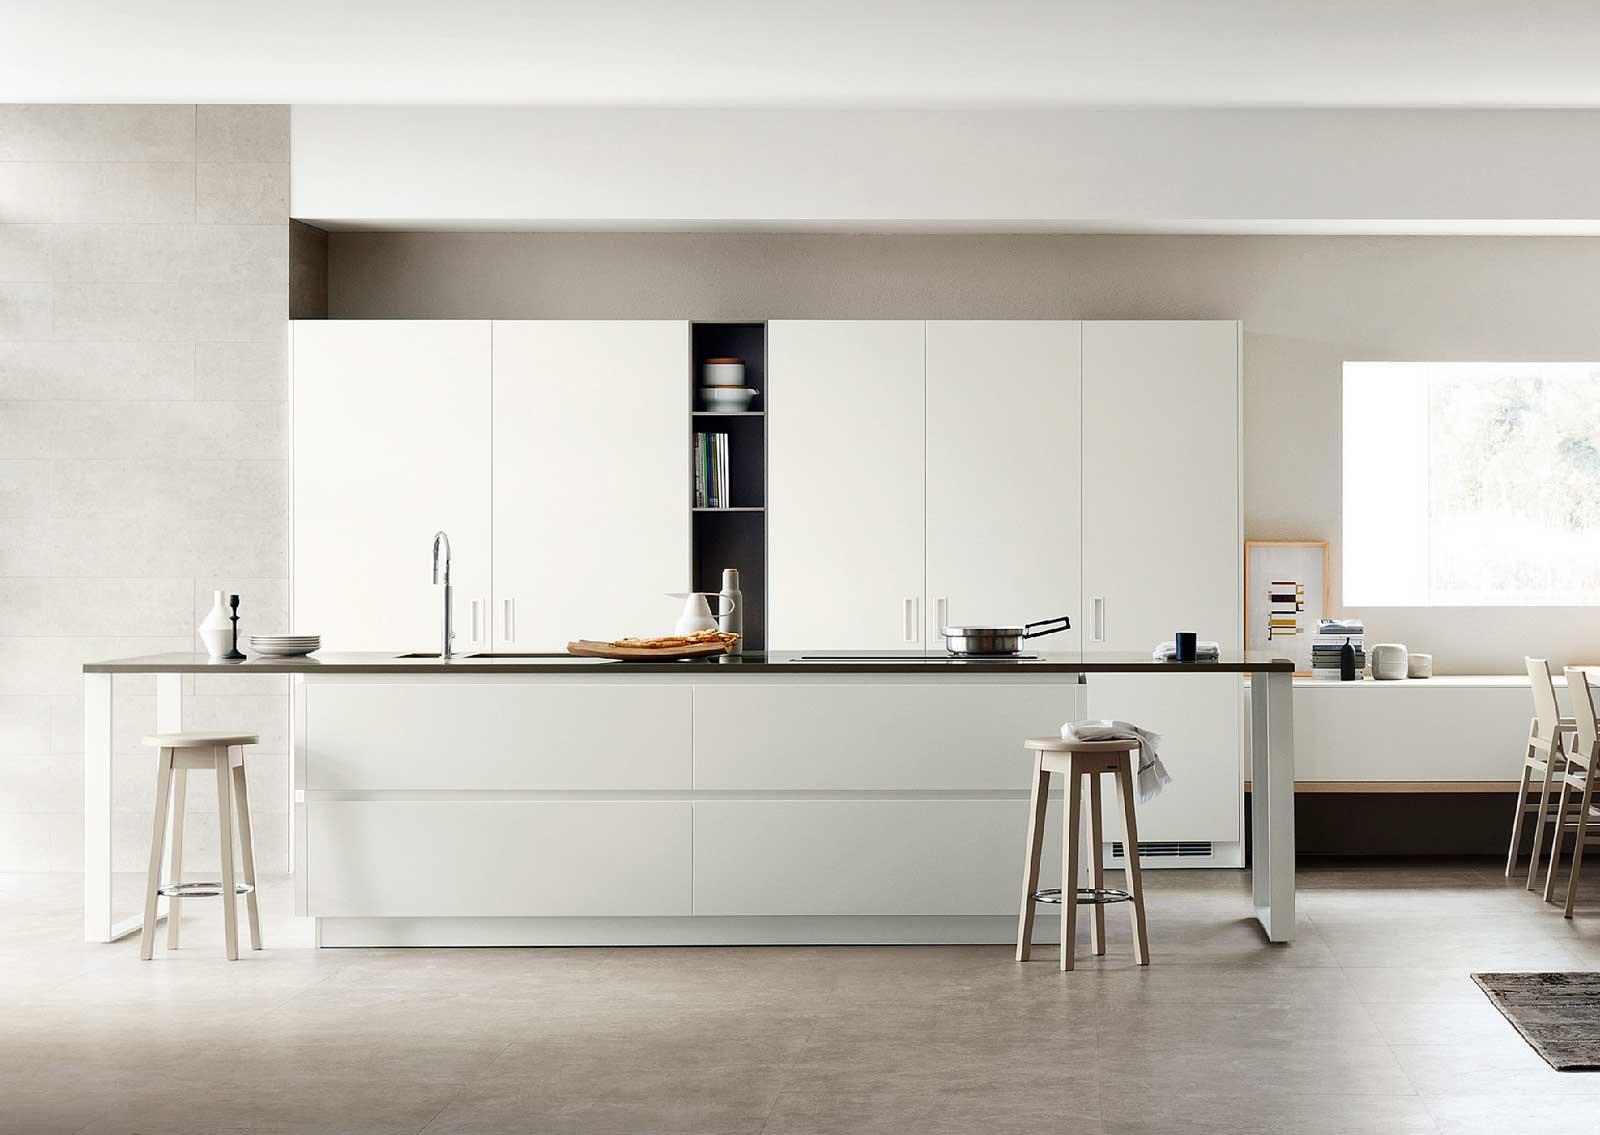 Come progettare una cucina componibile awesome come disegnare una cucina componibile i migliori - Disegnare cucine gratis ...